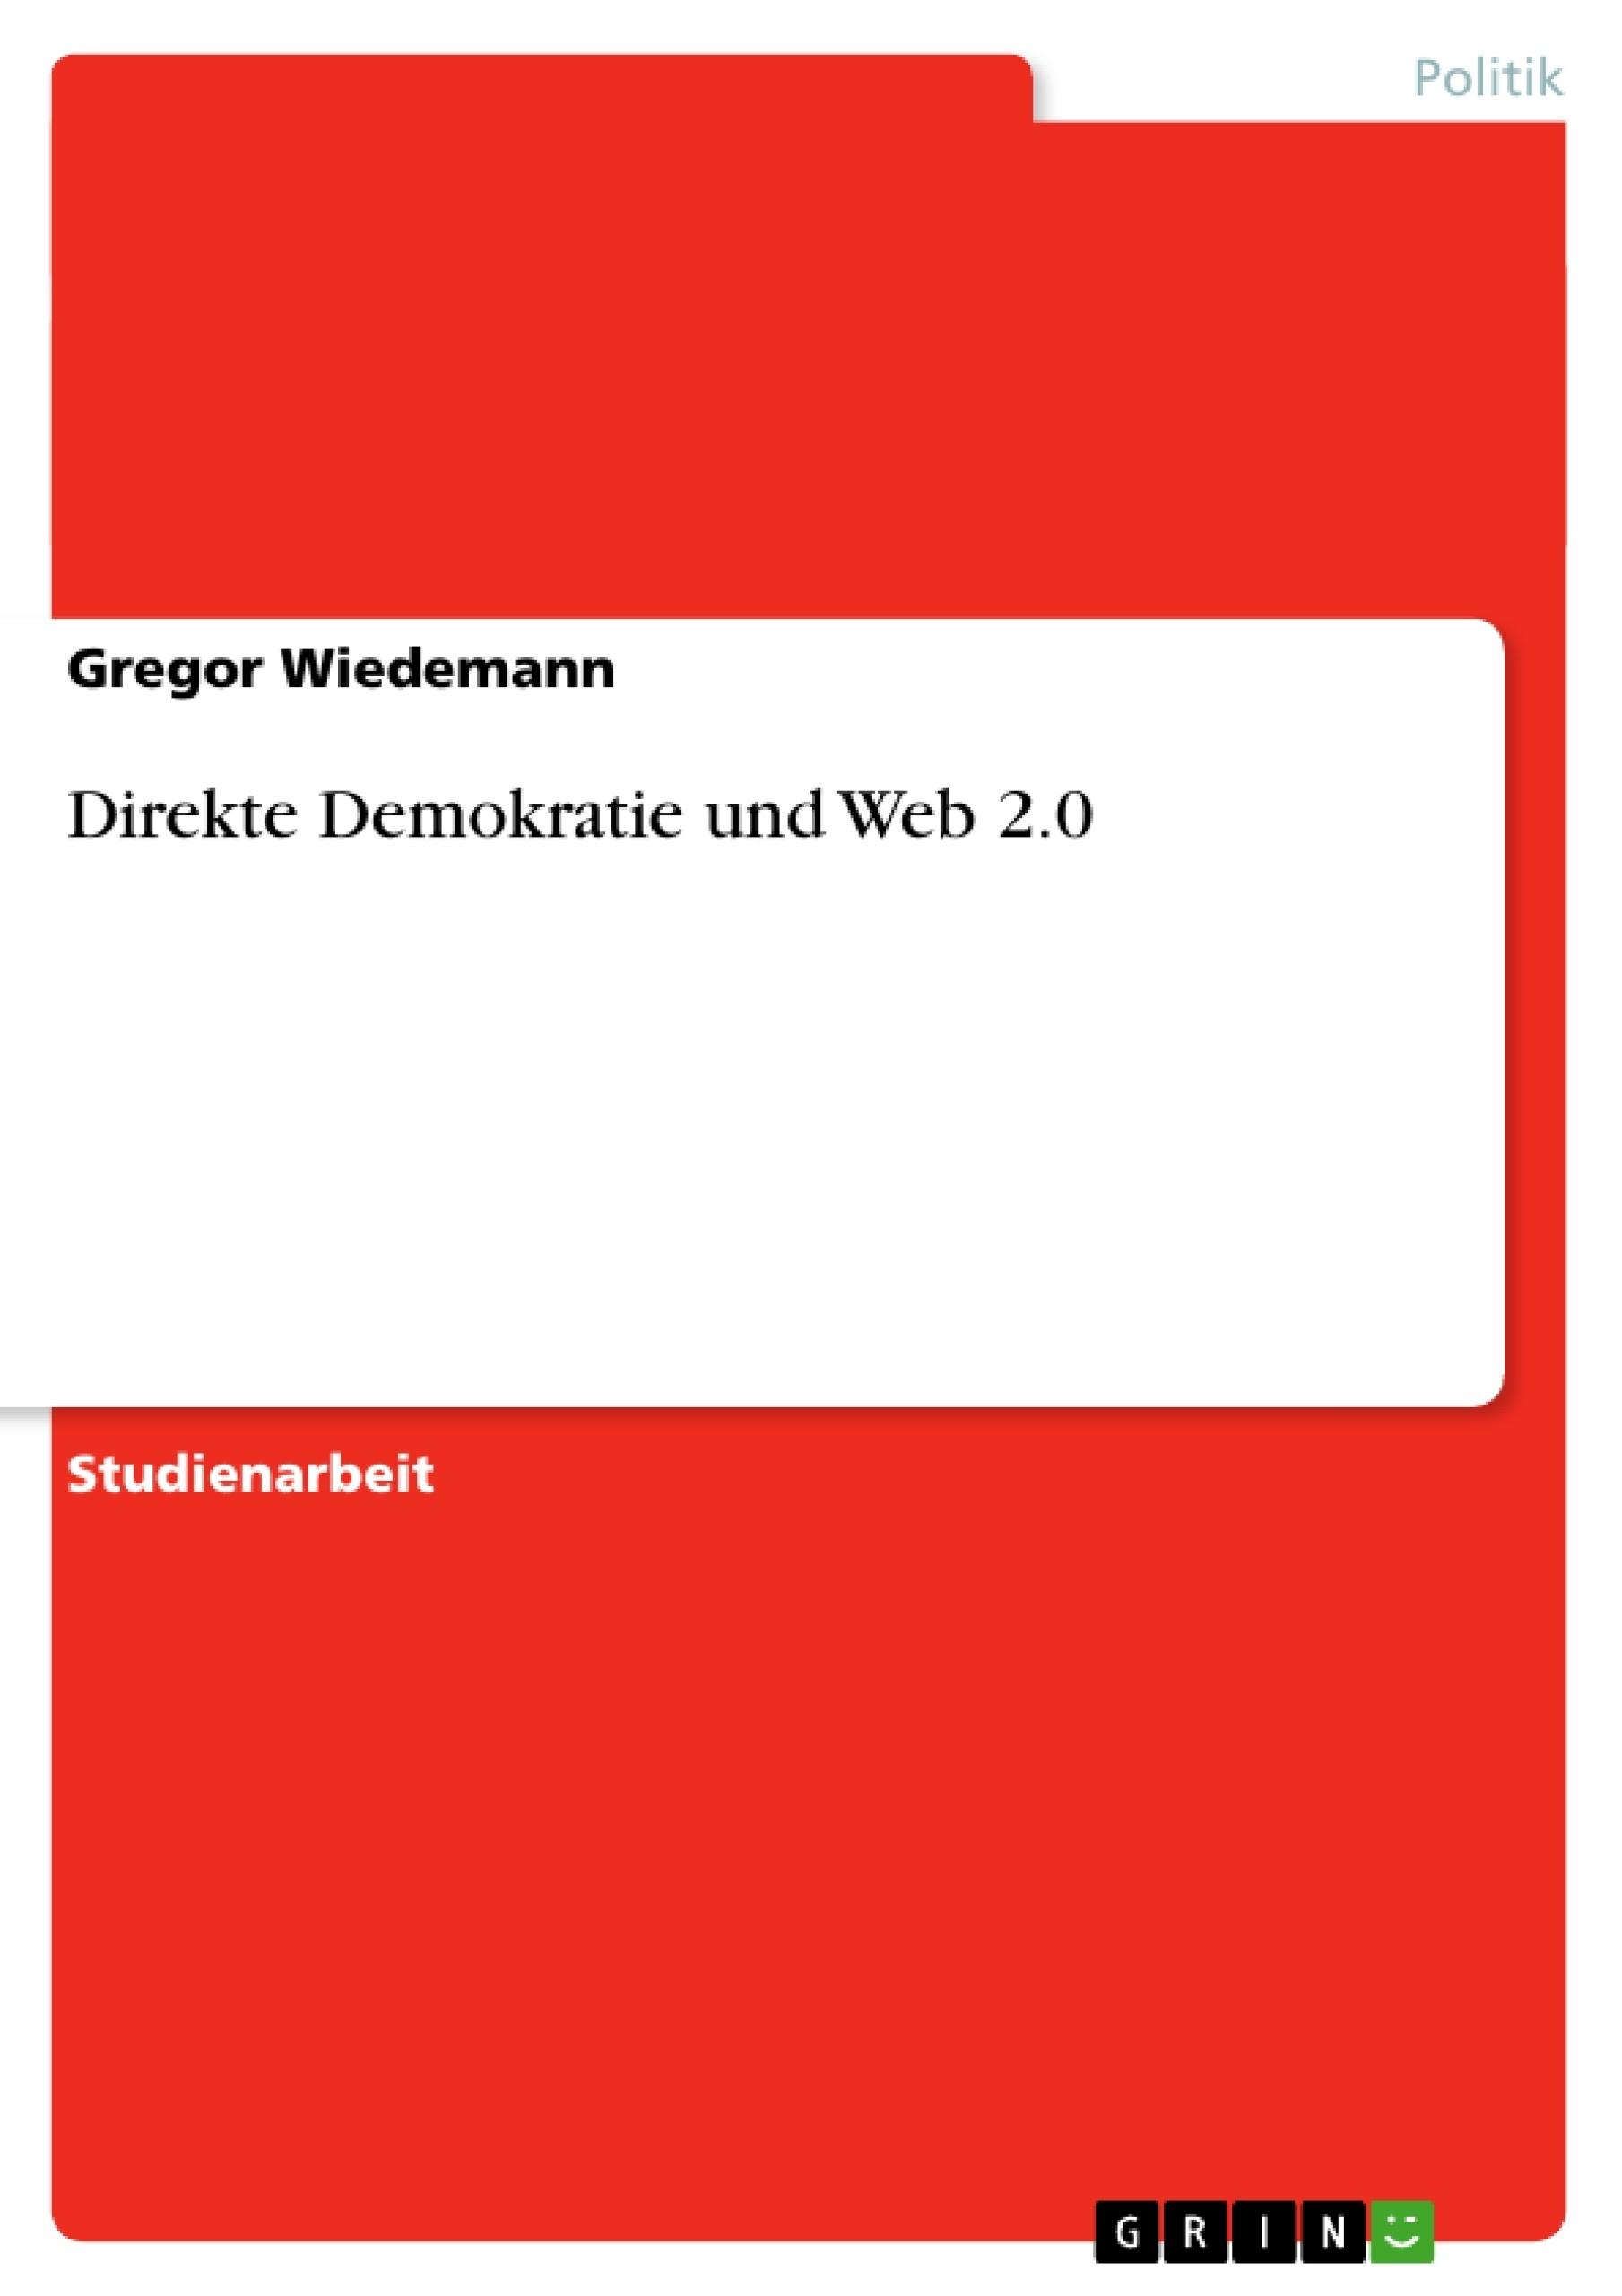 Titel: Direkte Demokratie und Web 2.0